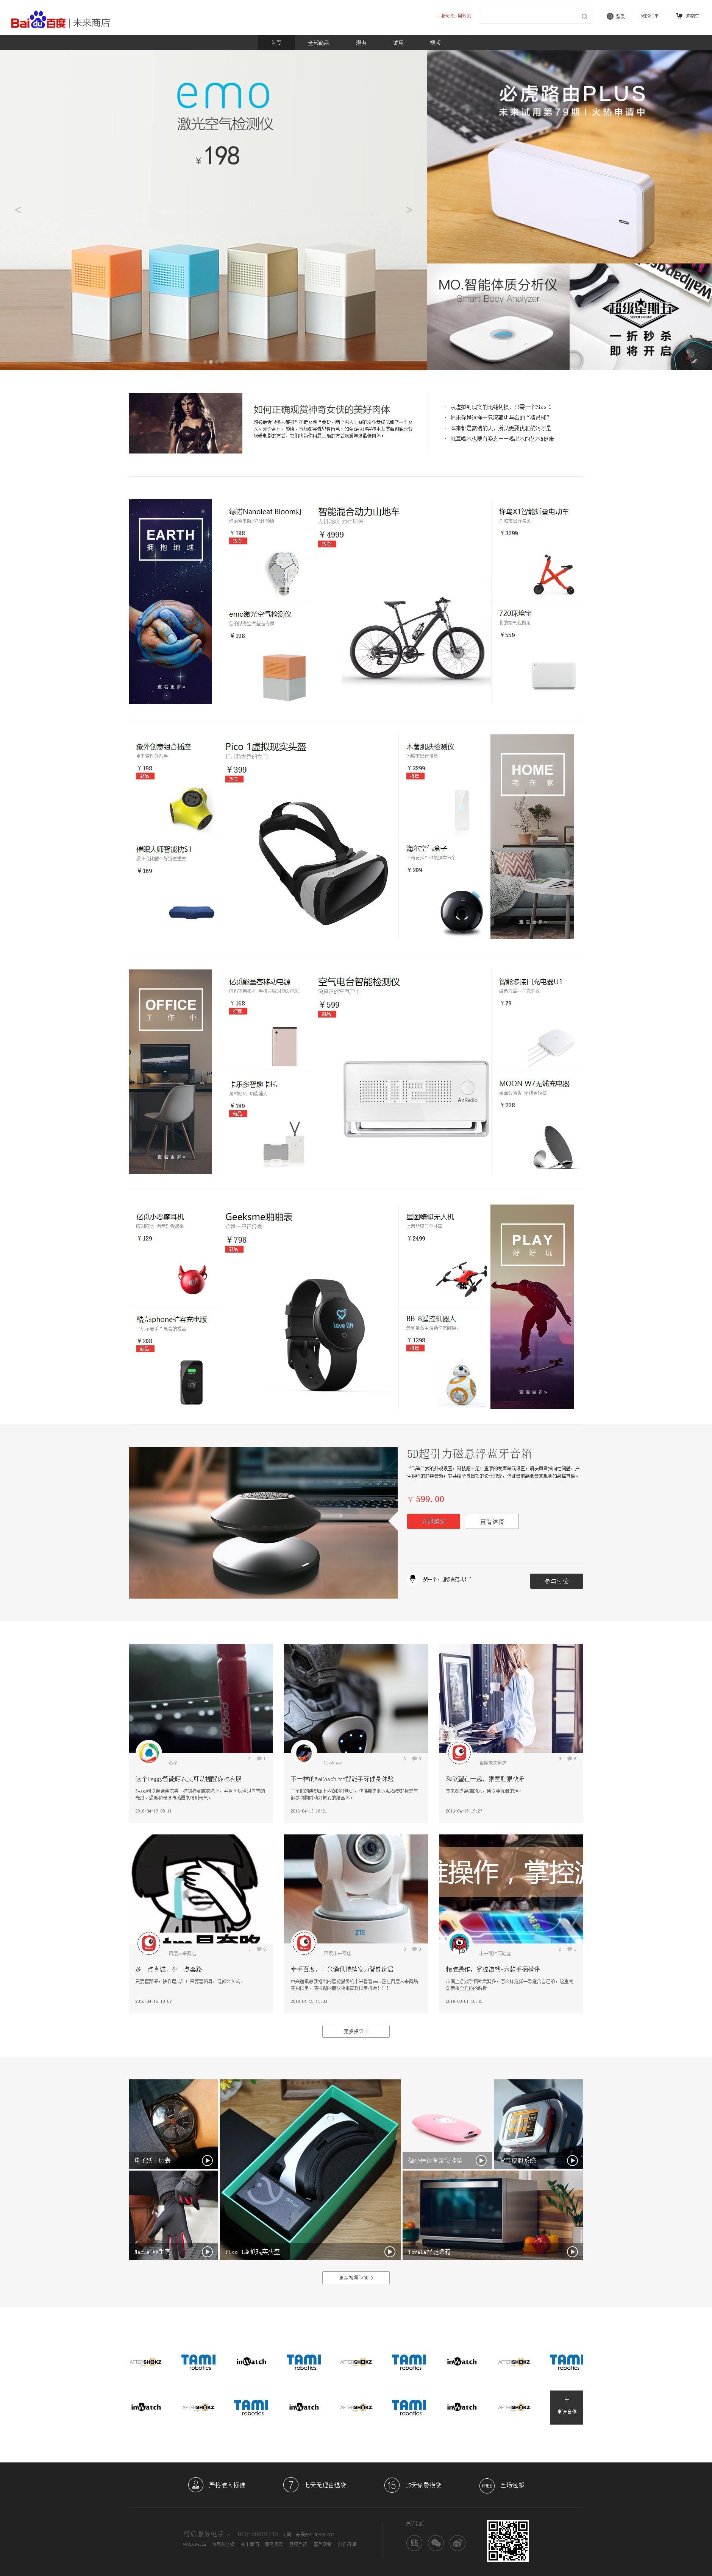 百度未来商店首页商城模板html下载